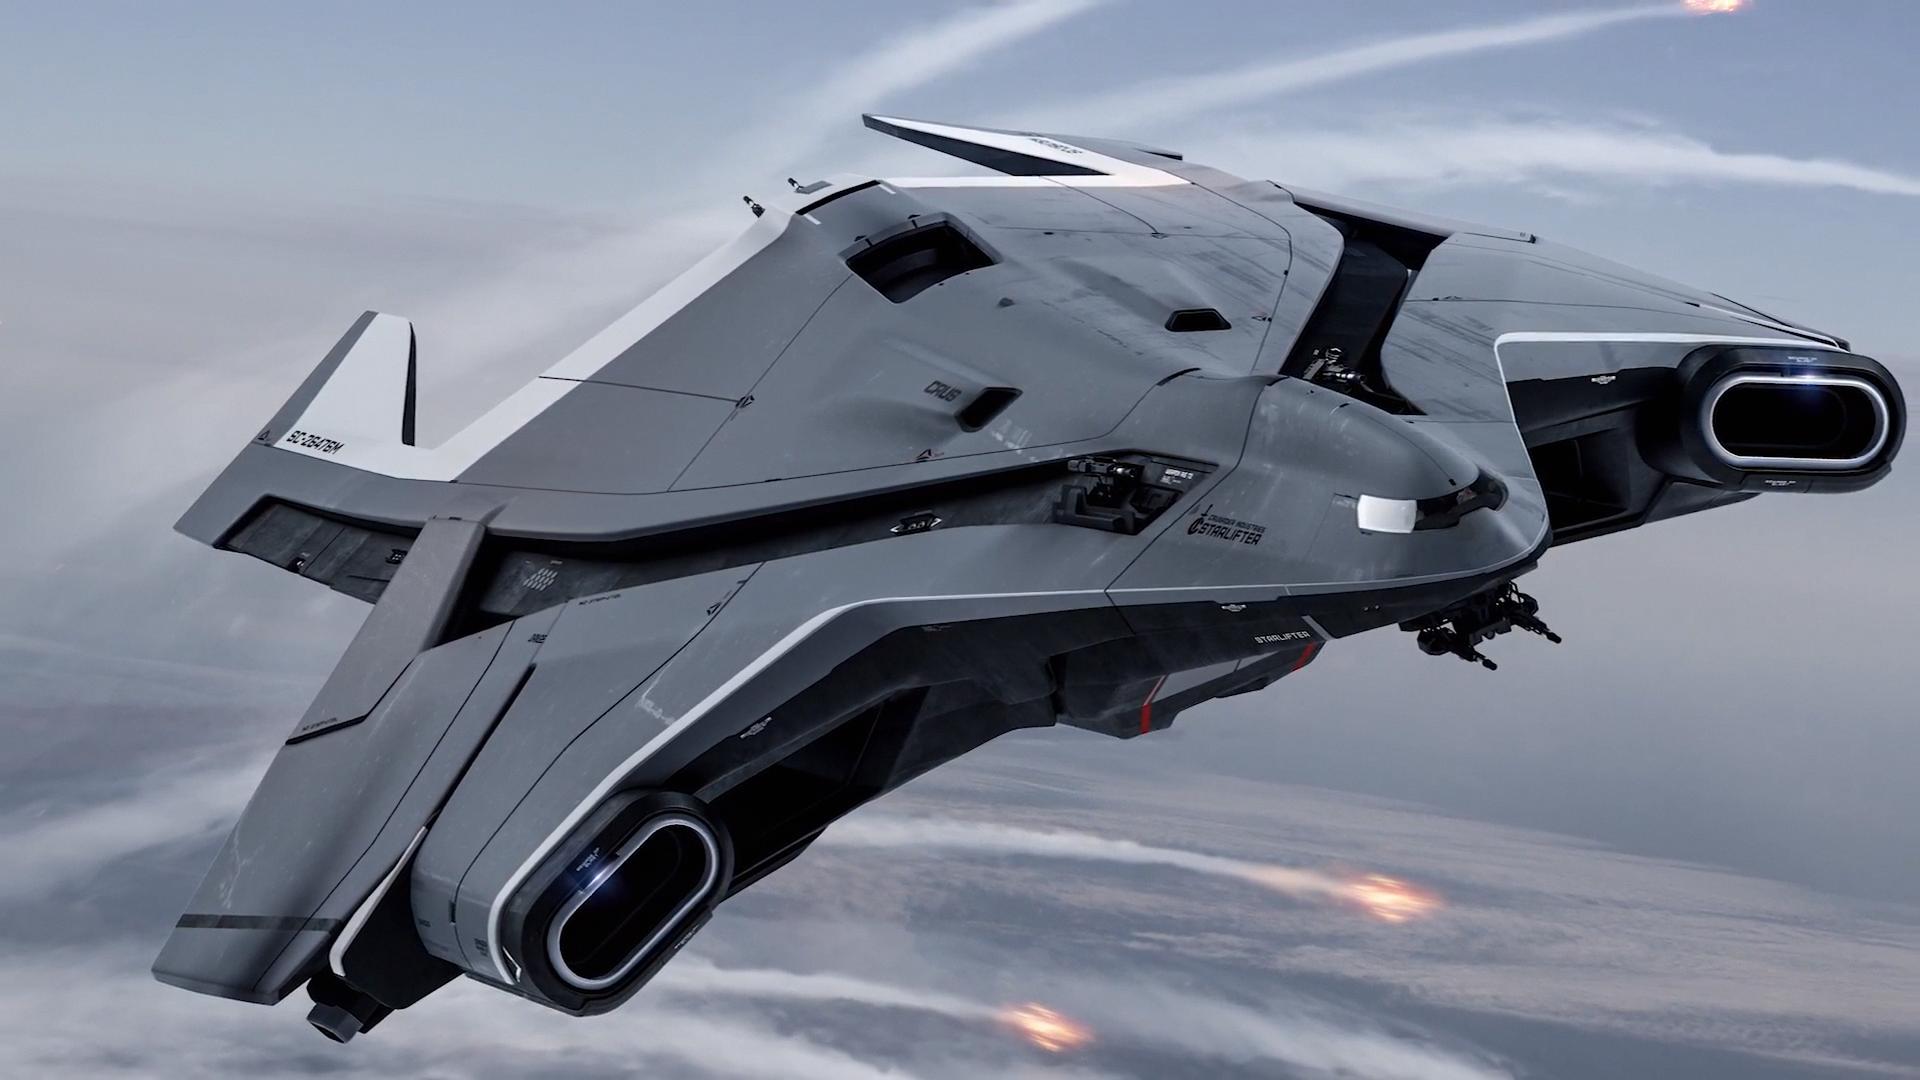 подборку картинки космического корабля будущего вспоминаем самые интересные